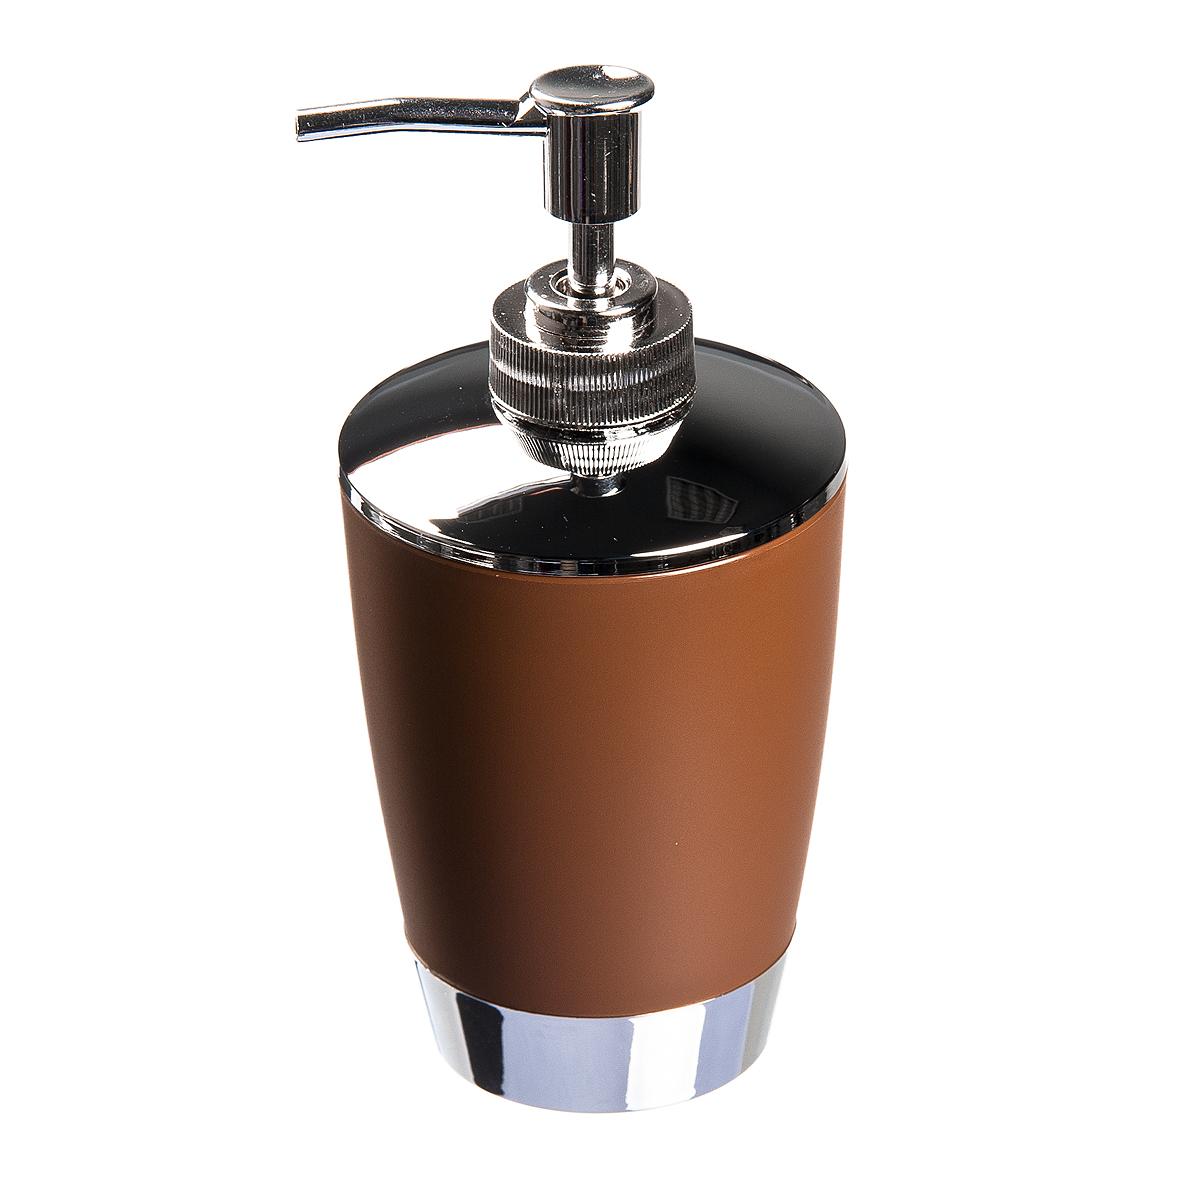 Диспенсер для жидкого мыла Fresh Code Настроение, цвет: коричневый, 300 мл64922_ коричневыйДиспенсер для жидкого мыла Fresh Code Настроение изготовлен из высокопрочного полипропилена с нескользящим покрытием. Изделие выполнено в строгой классической форме и дополнено элементами цвета металлик. Диспенсер для мыла очень удобен в использовании: просто надавите сверху, и из диспенсера выльется необходимое количество мыла. Диспенсер для жидкого мыла Fresh Code Настроение стильно украсит интерьер, а также добавит в обычную обстановку яркие и модные акценты.